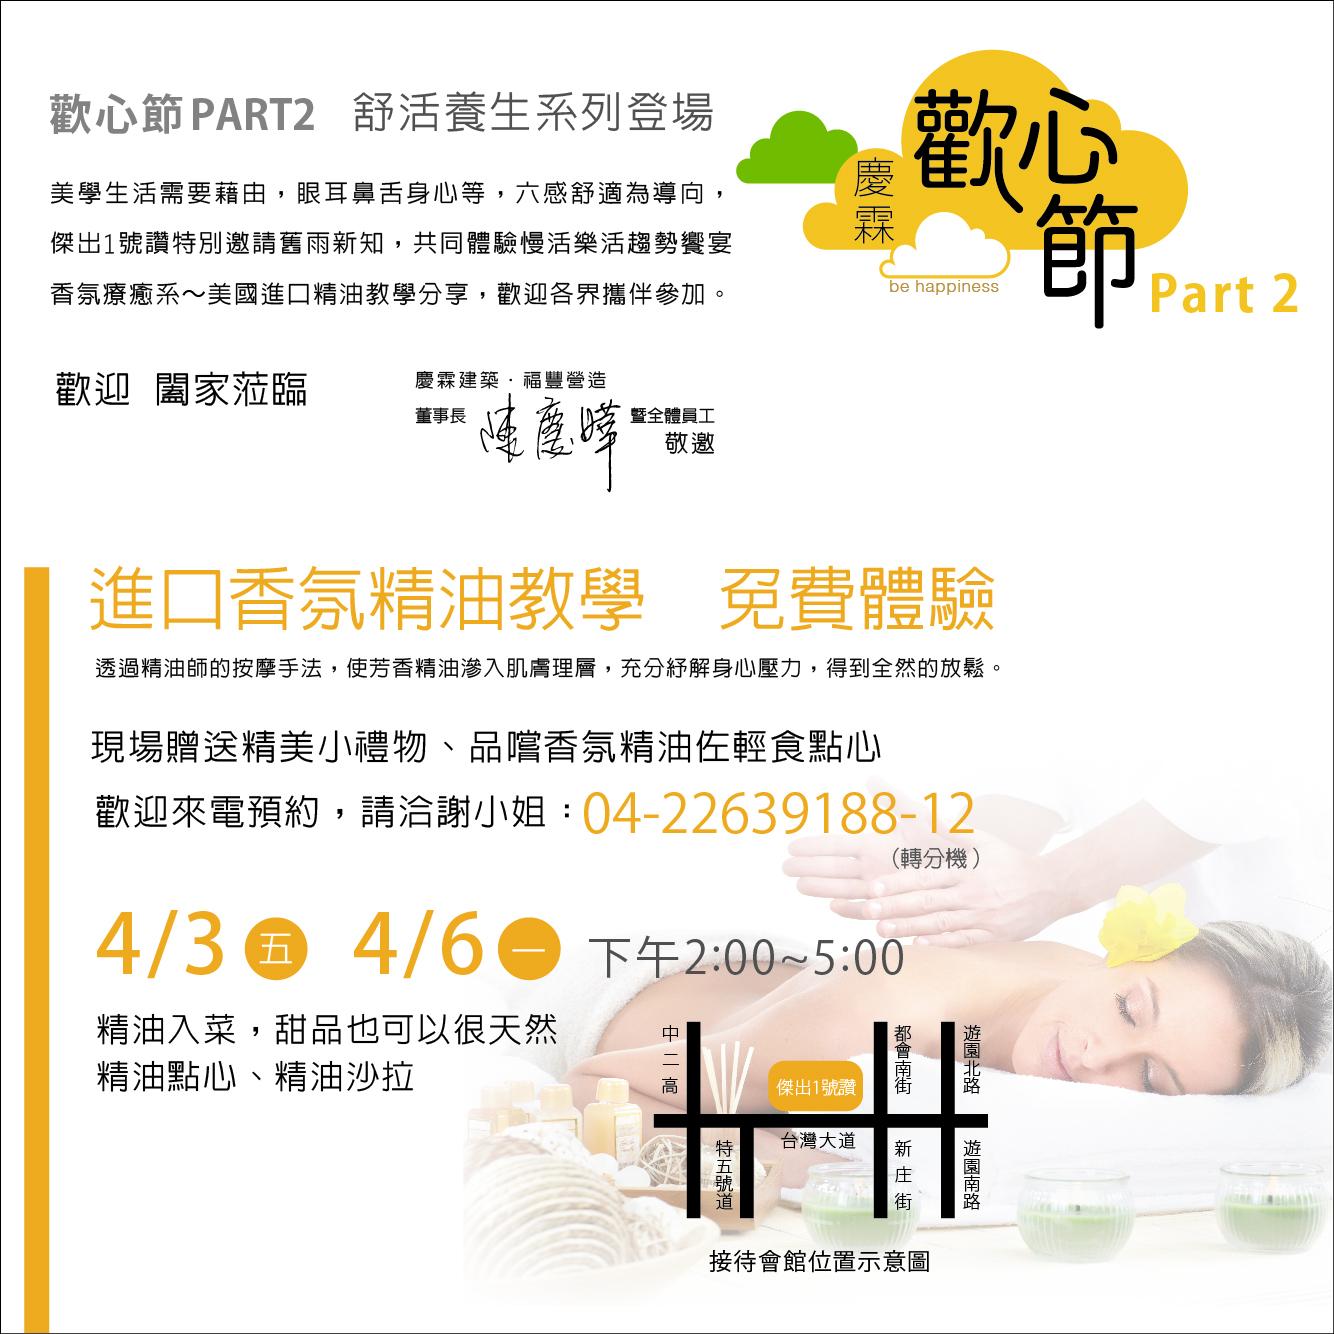 0311慶霖接待會館-精油教學-手機簡訊-01-02